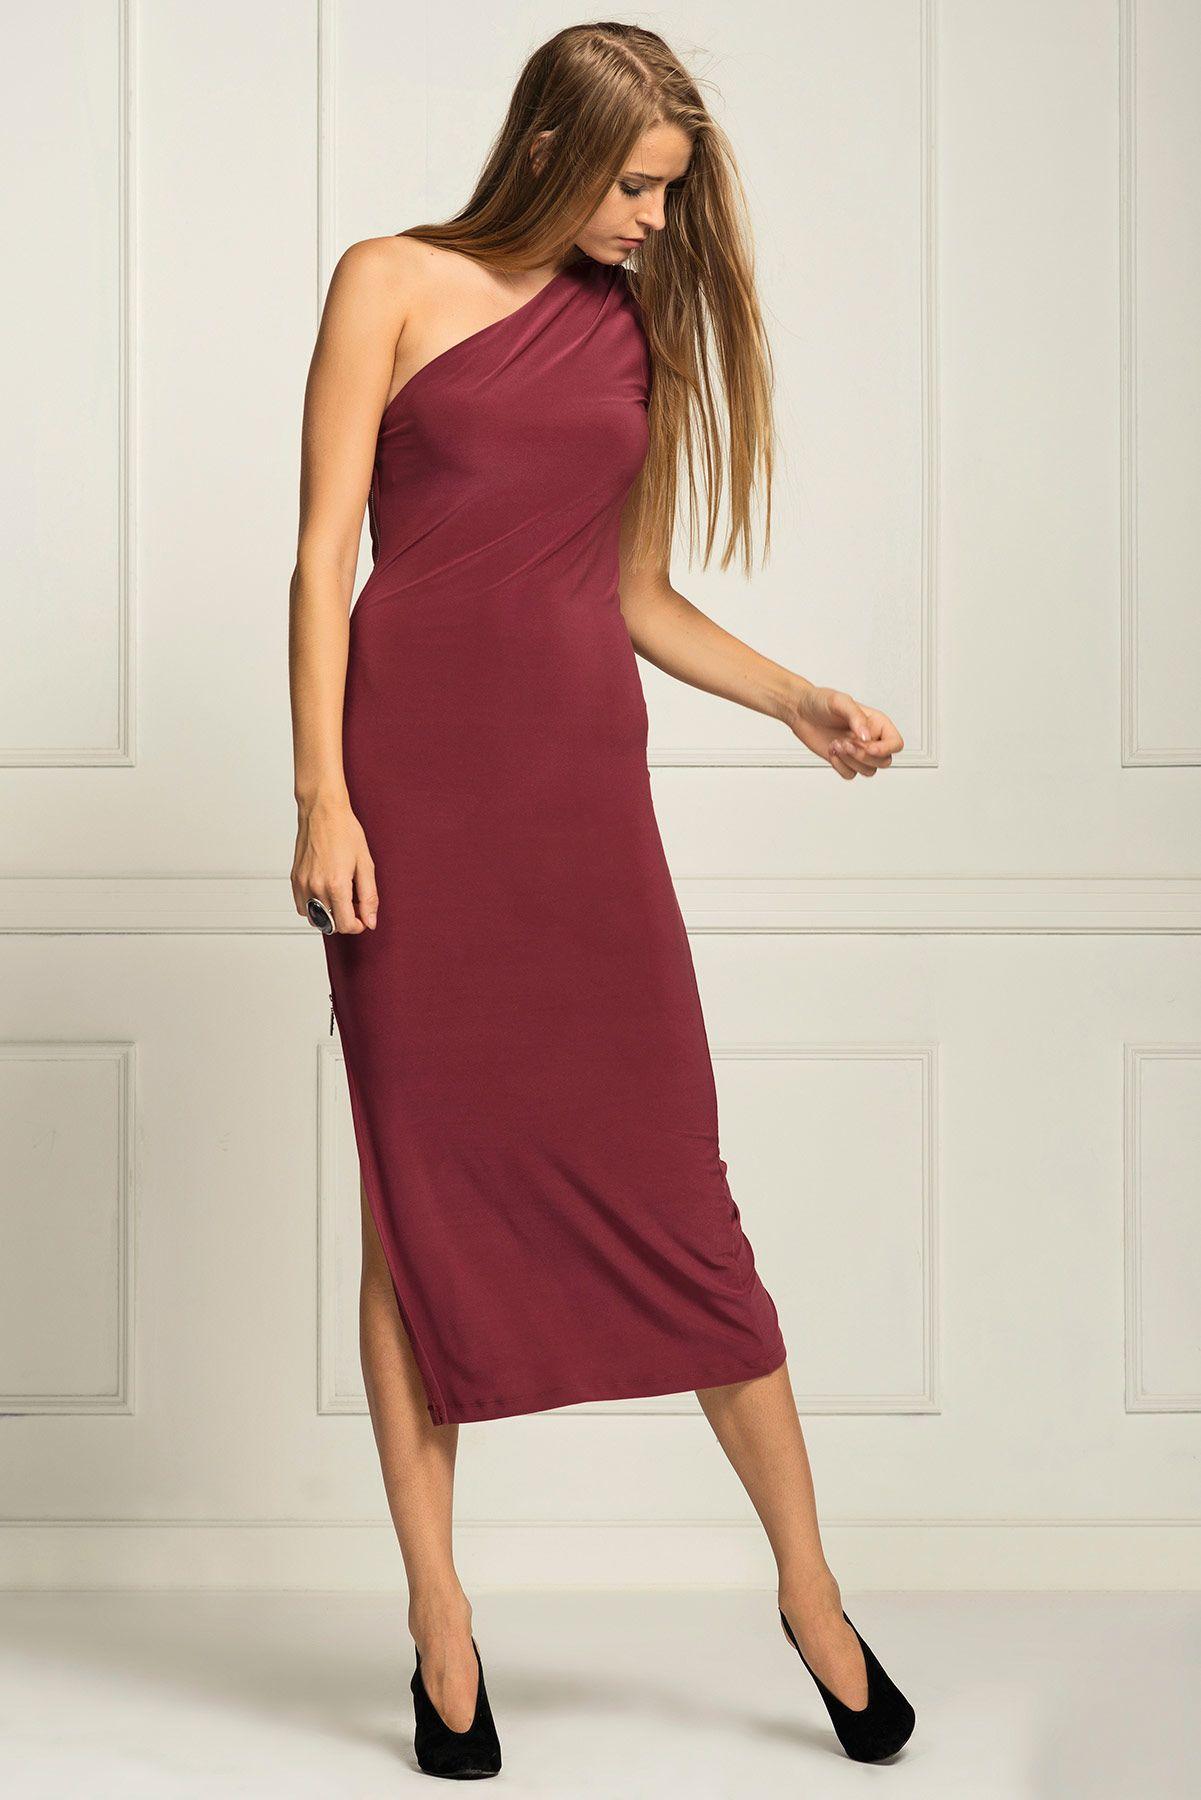 Tek Omuz Yandan Fermuarli Uzun Visne Curugu Elbise 5991 284 Ironi Elbise Uzun Elbise Moda